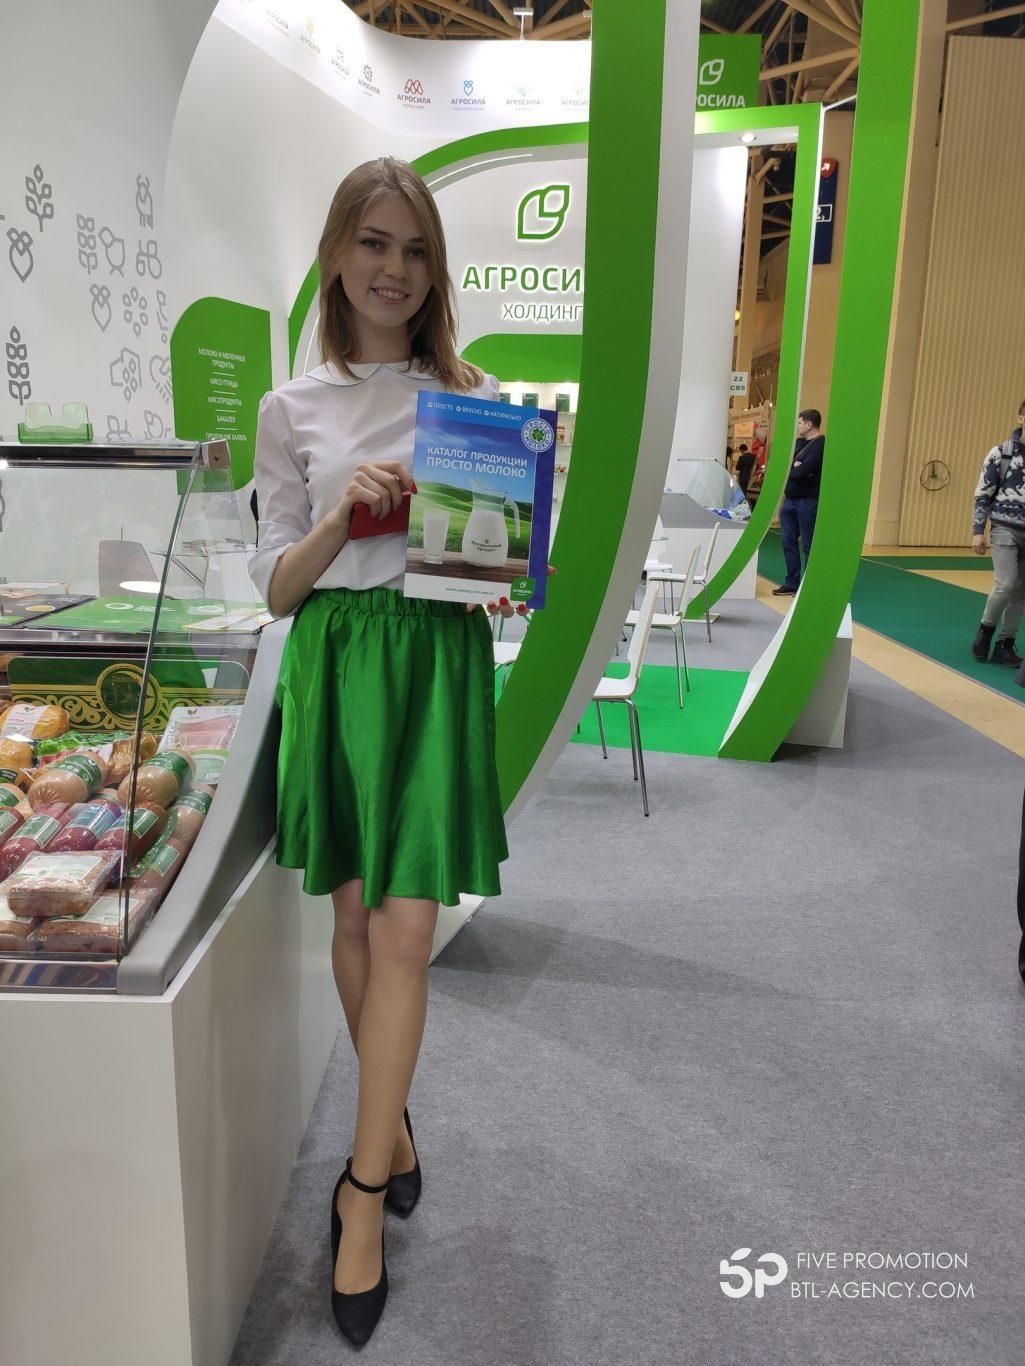 , Выставка ПродЭкспо 2020,  Экспоцентр, Агросила, Консультация